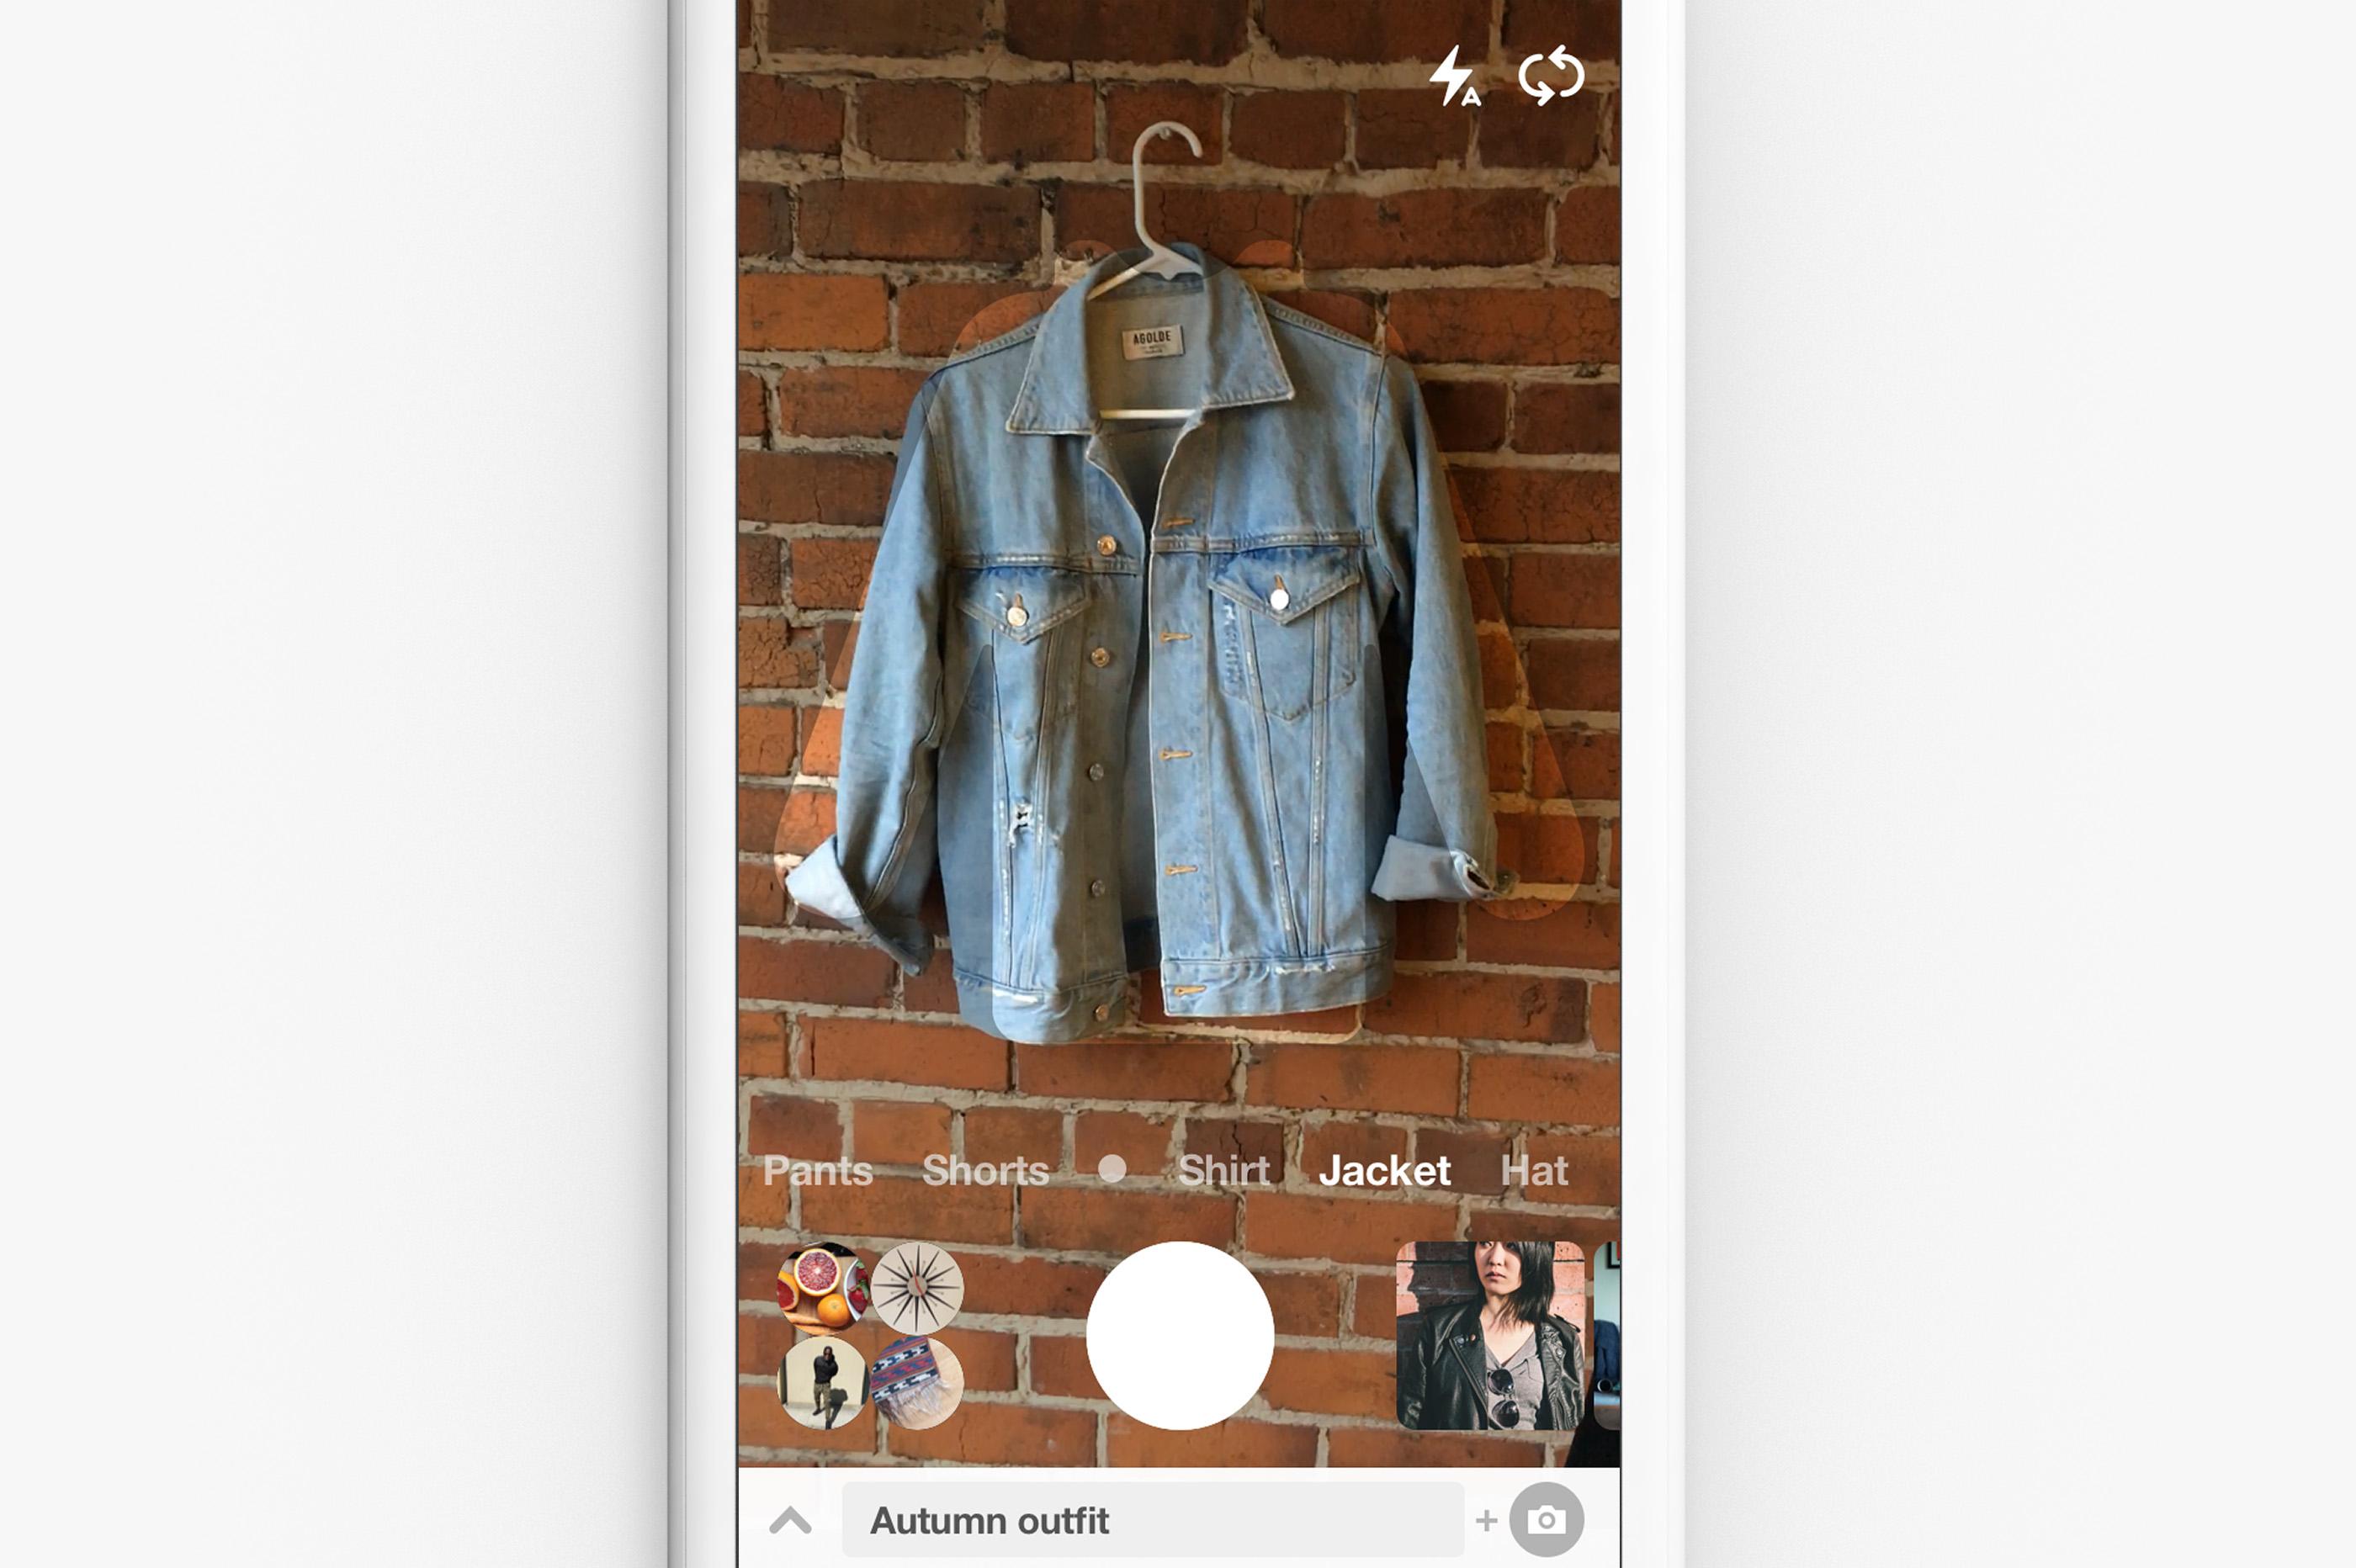 Compras online mediante imágenes